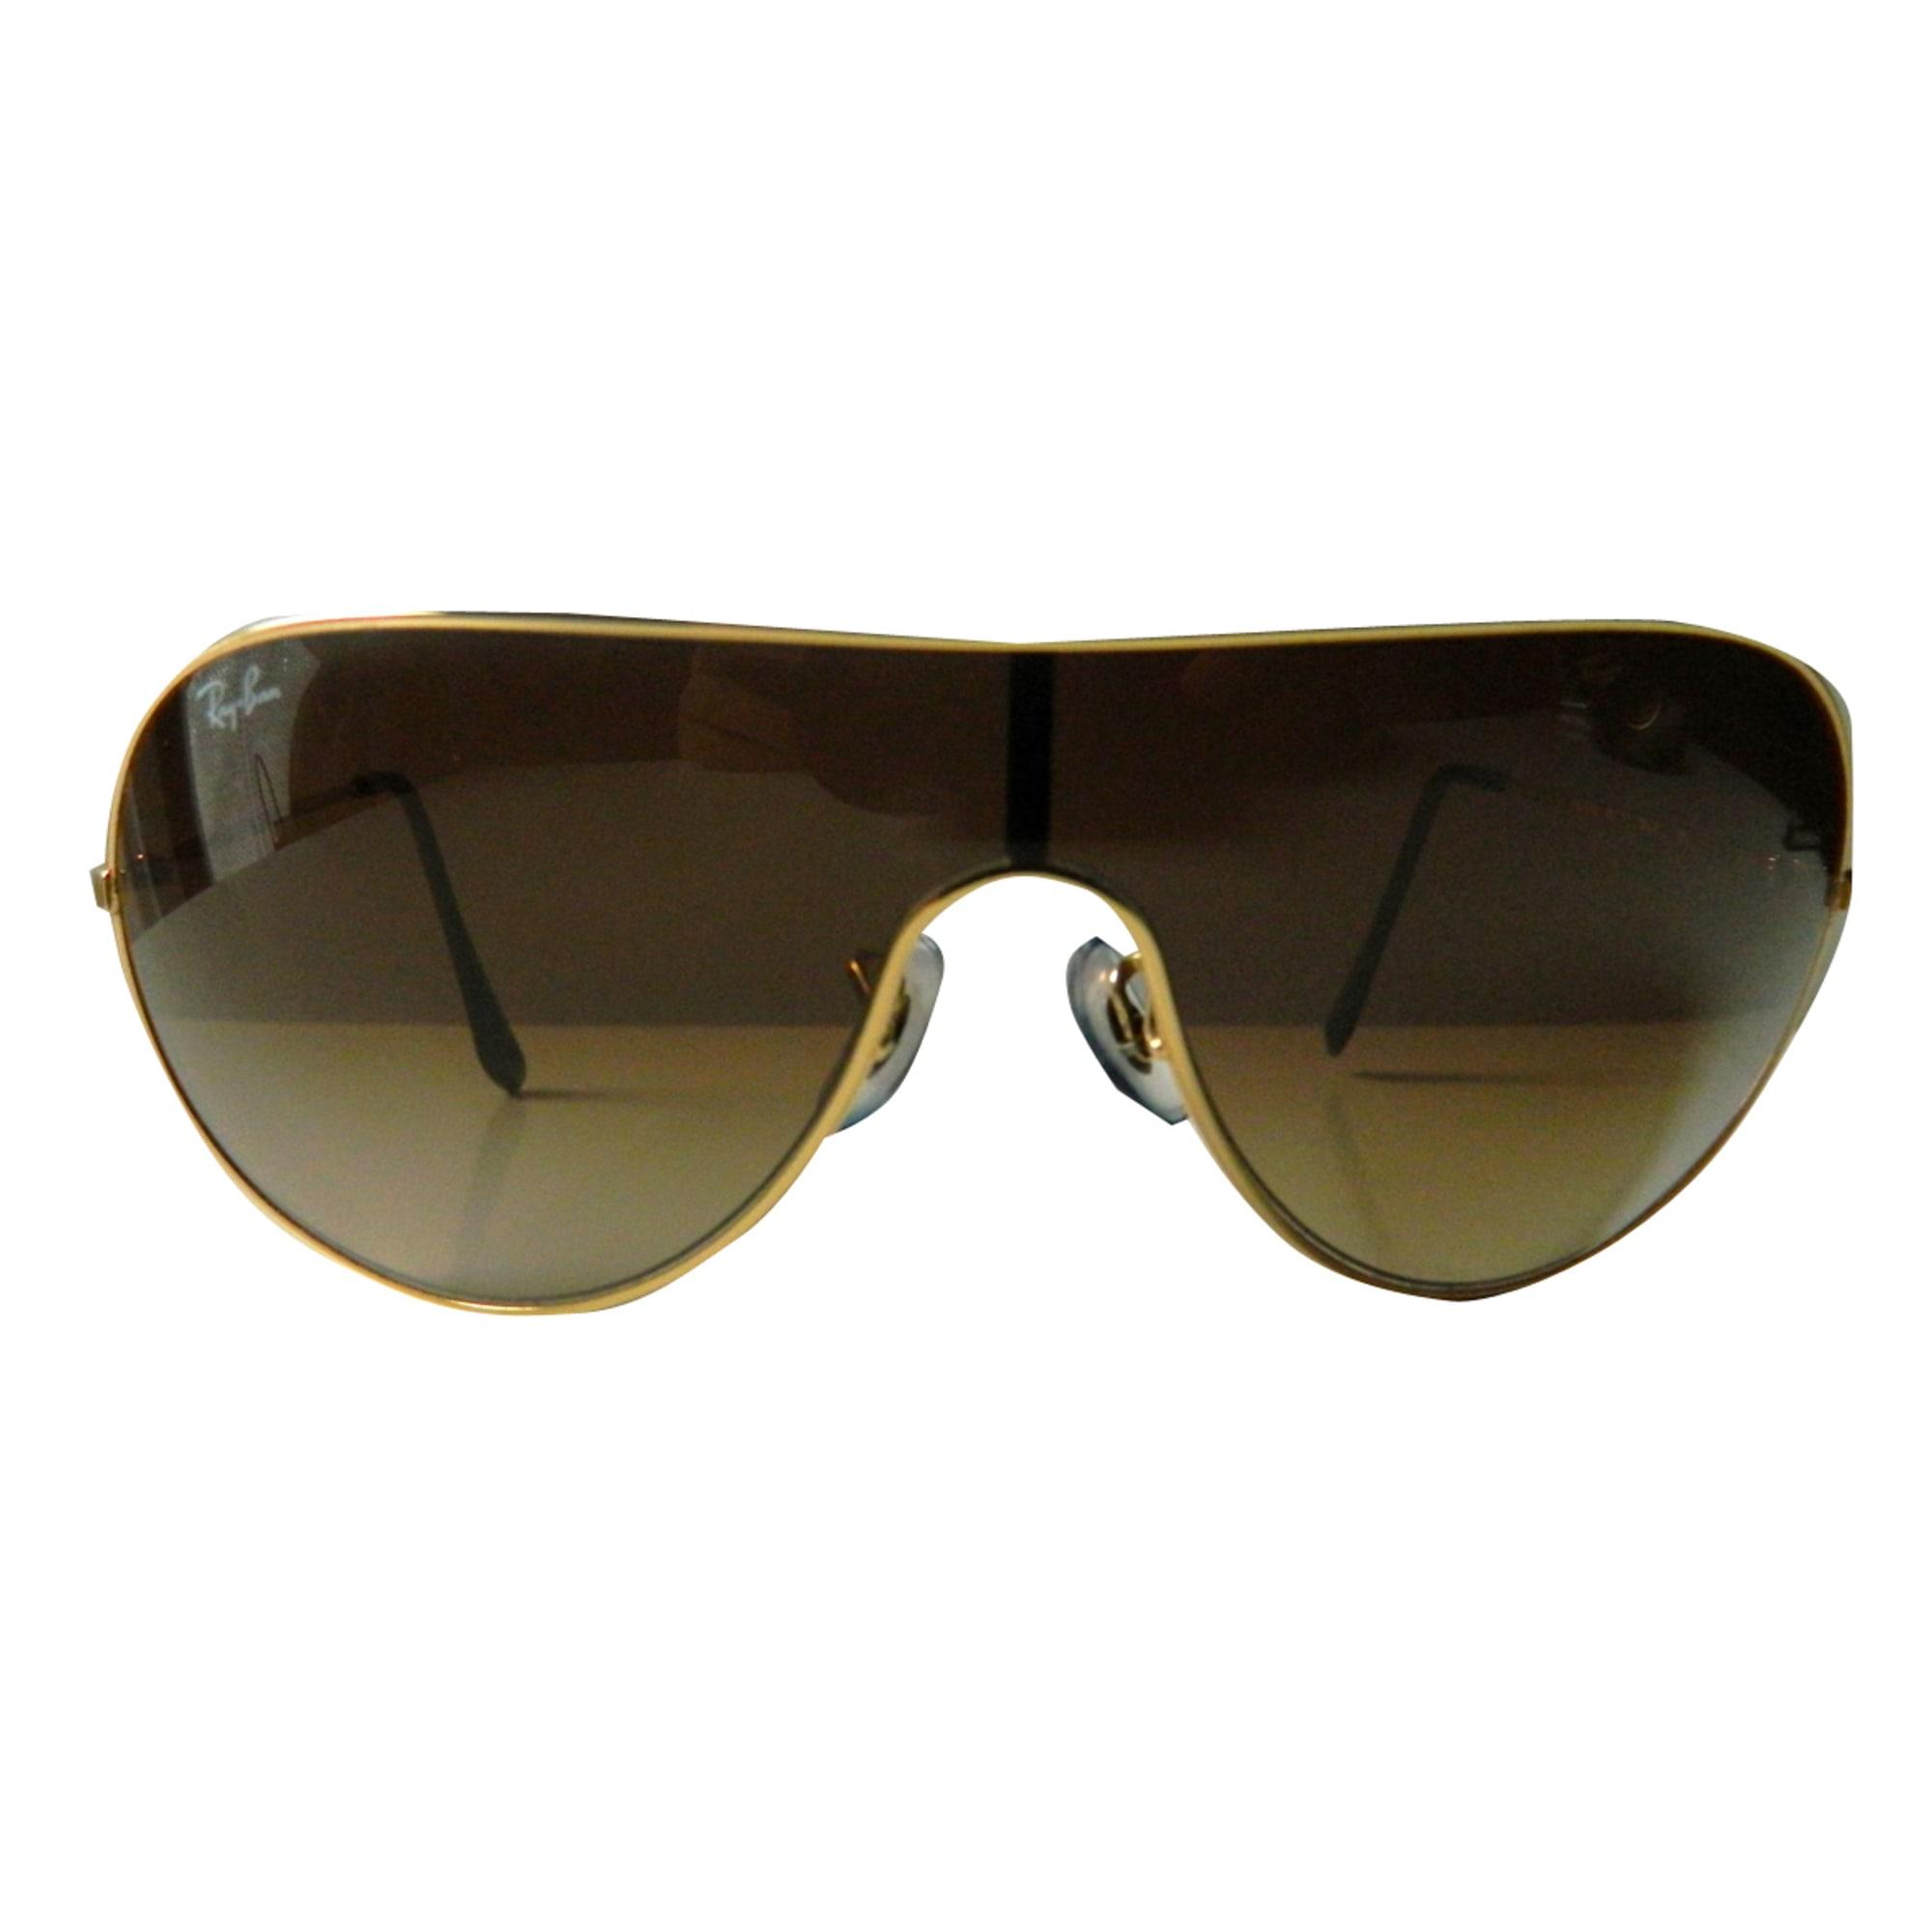 Lunettes de soleil RAY-BAN marron vendu par Le vide dressing de ... 9070d46ebc67